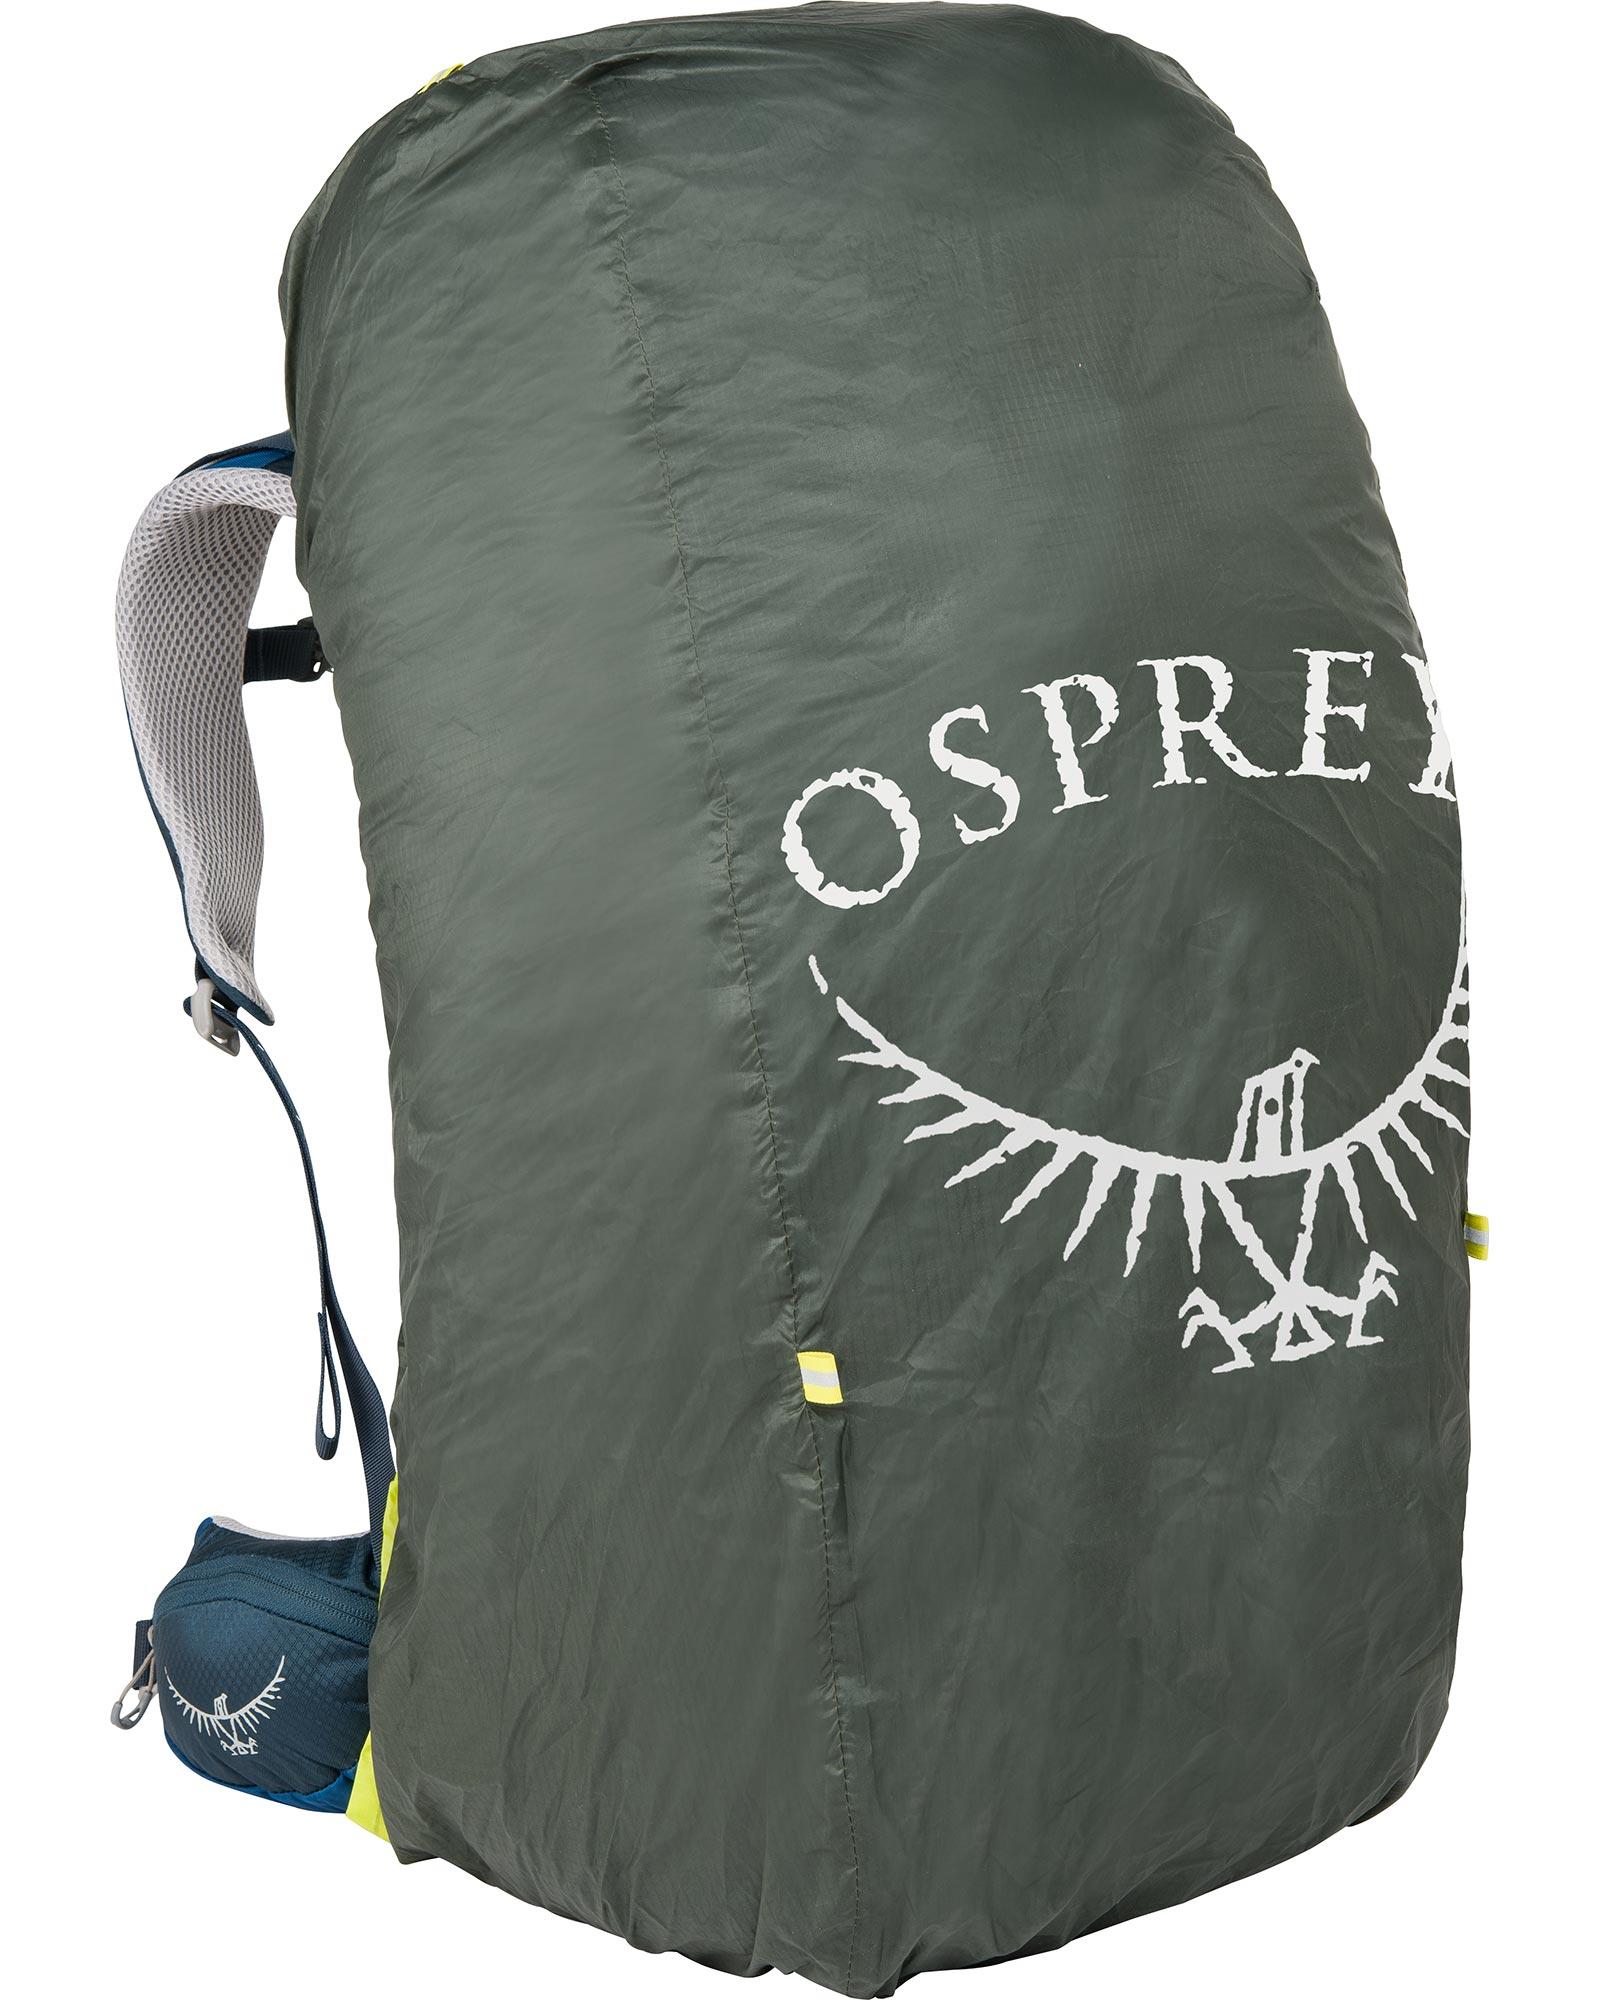 Osprey Ultralight Raincover Large 0